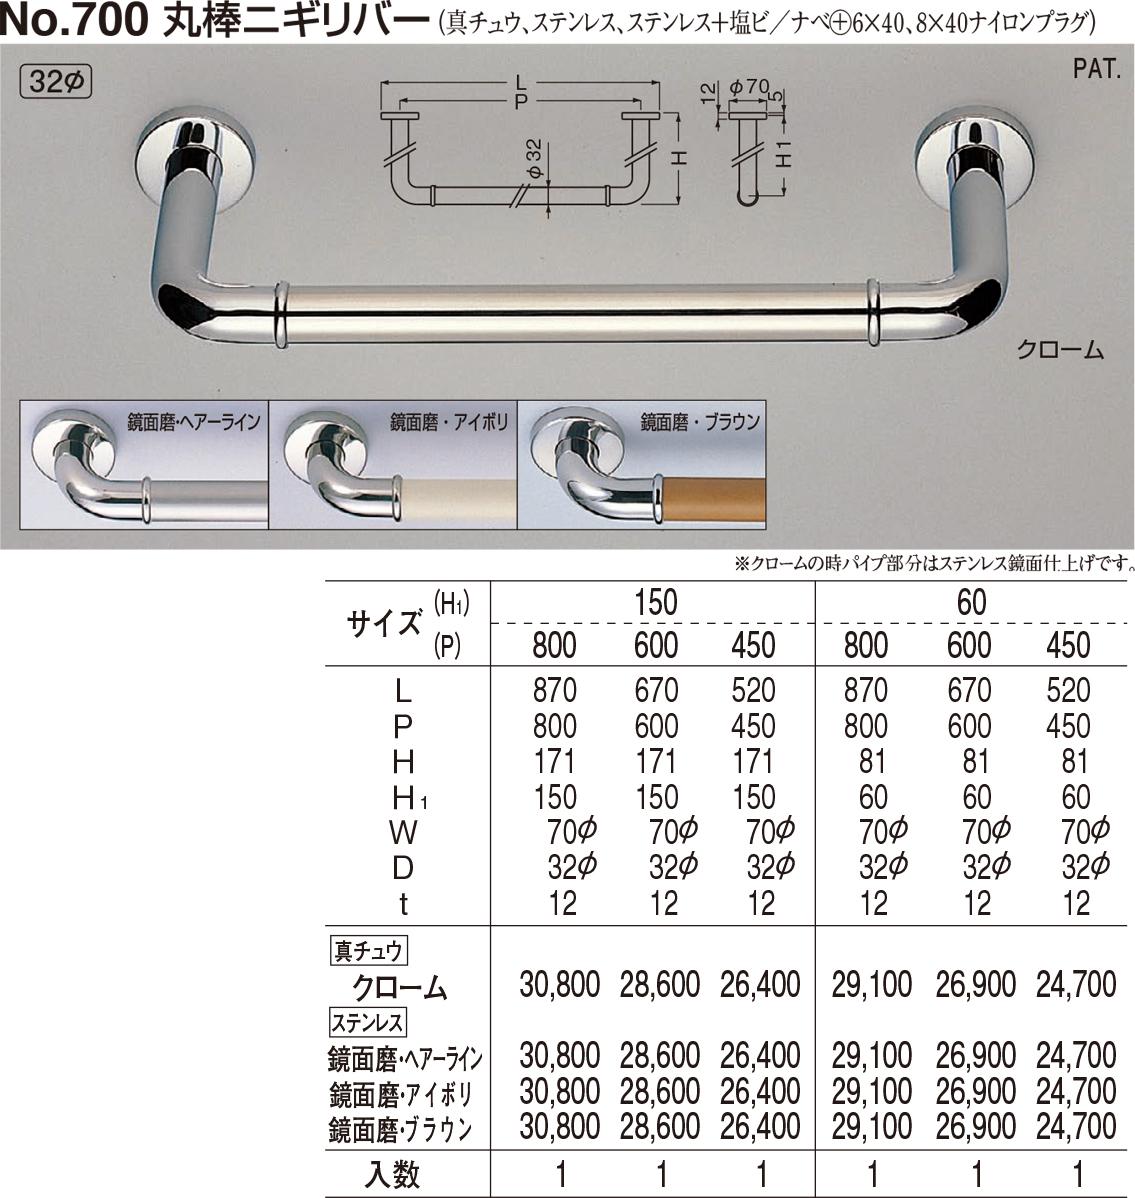 【シロクマ】丸棒ニギリバー No.700 H60×L800 鏡面/アイボリ